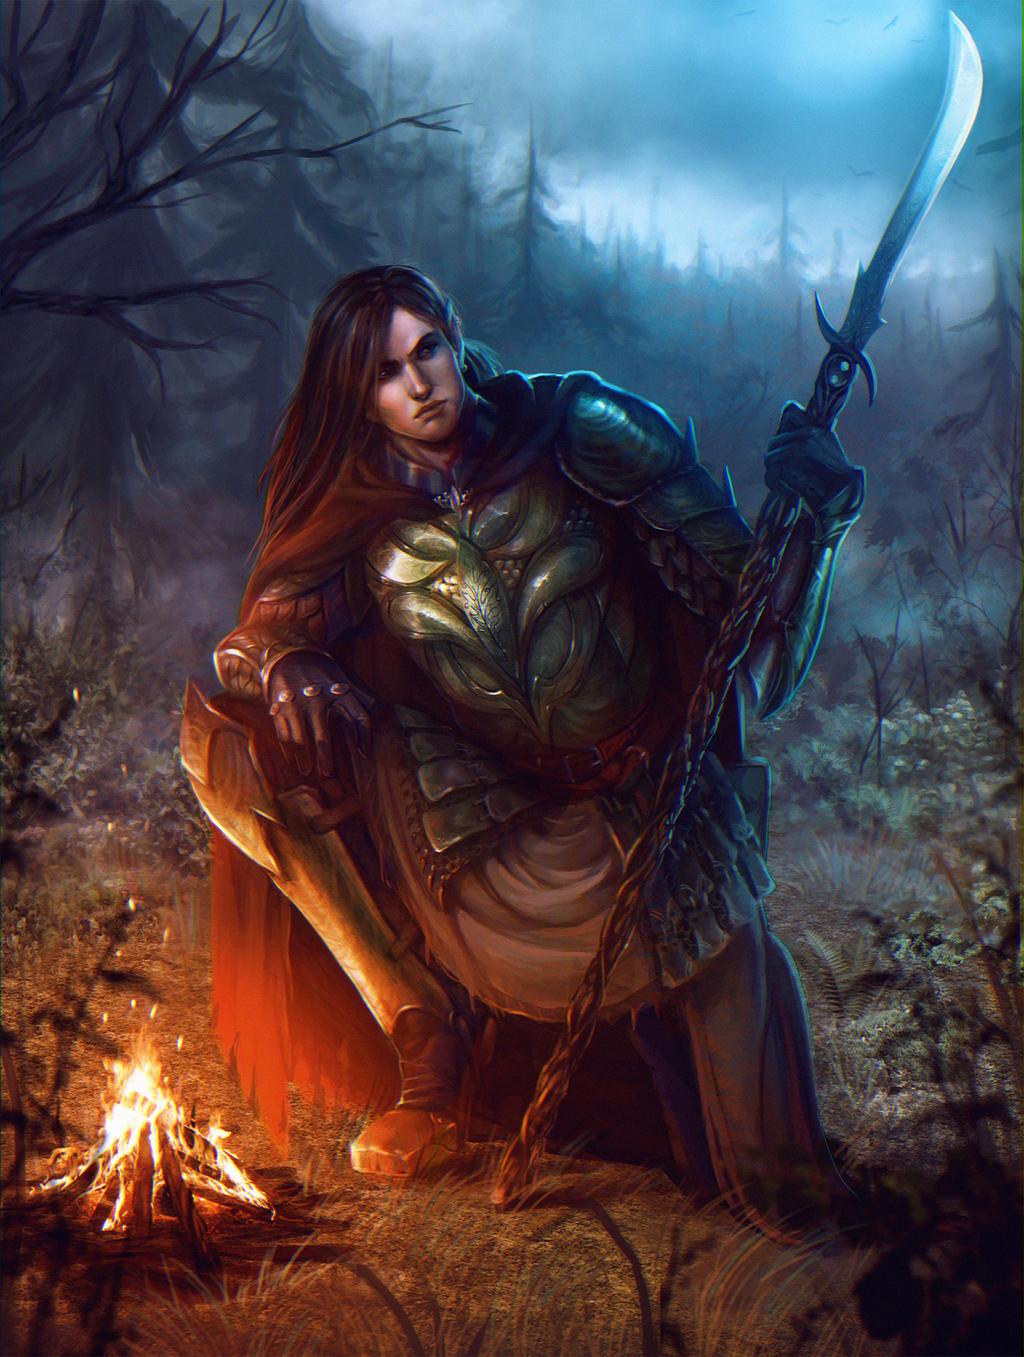 forest_warrior_by_elistraie-d9vbnkt.jpg